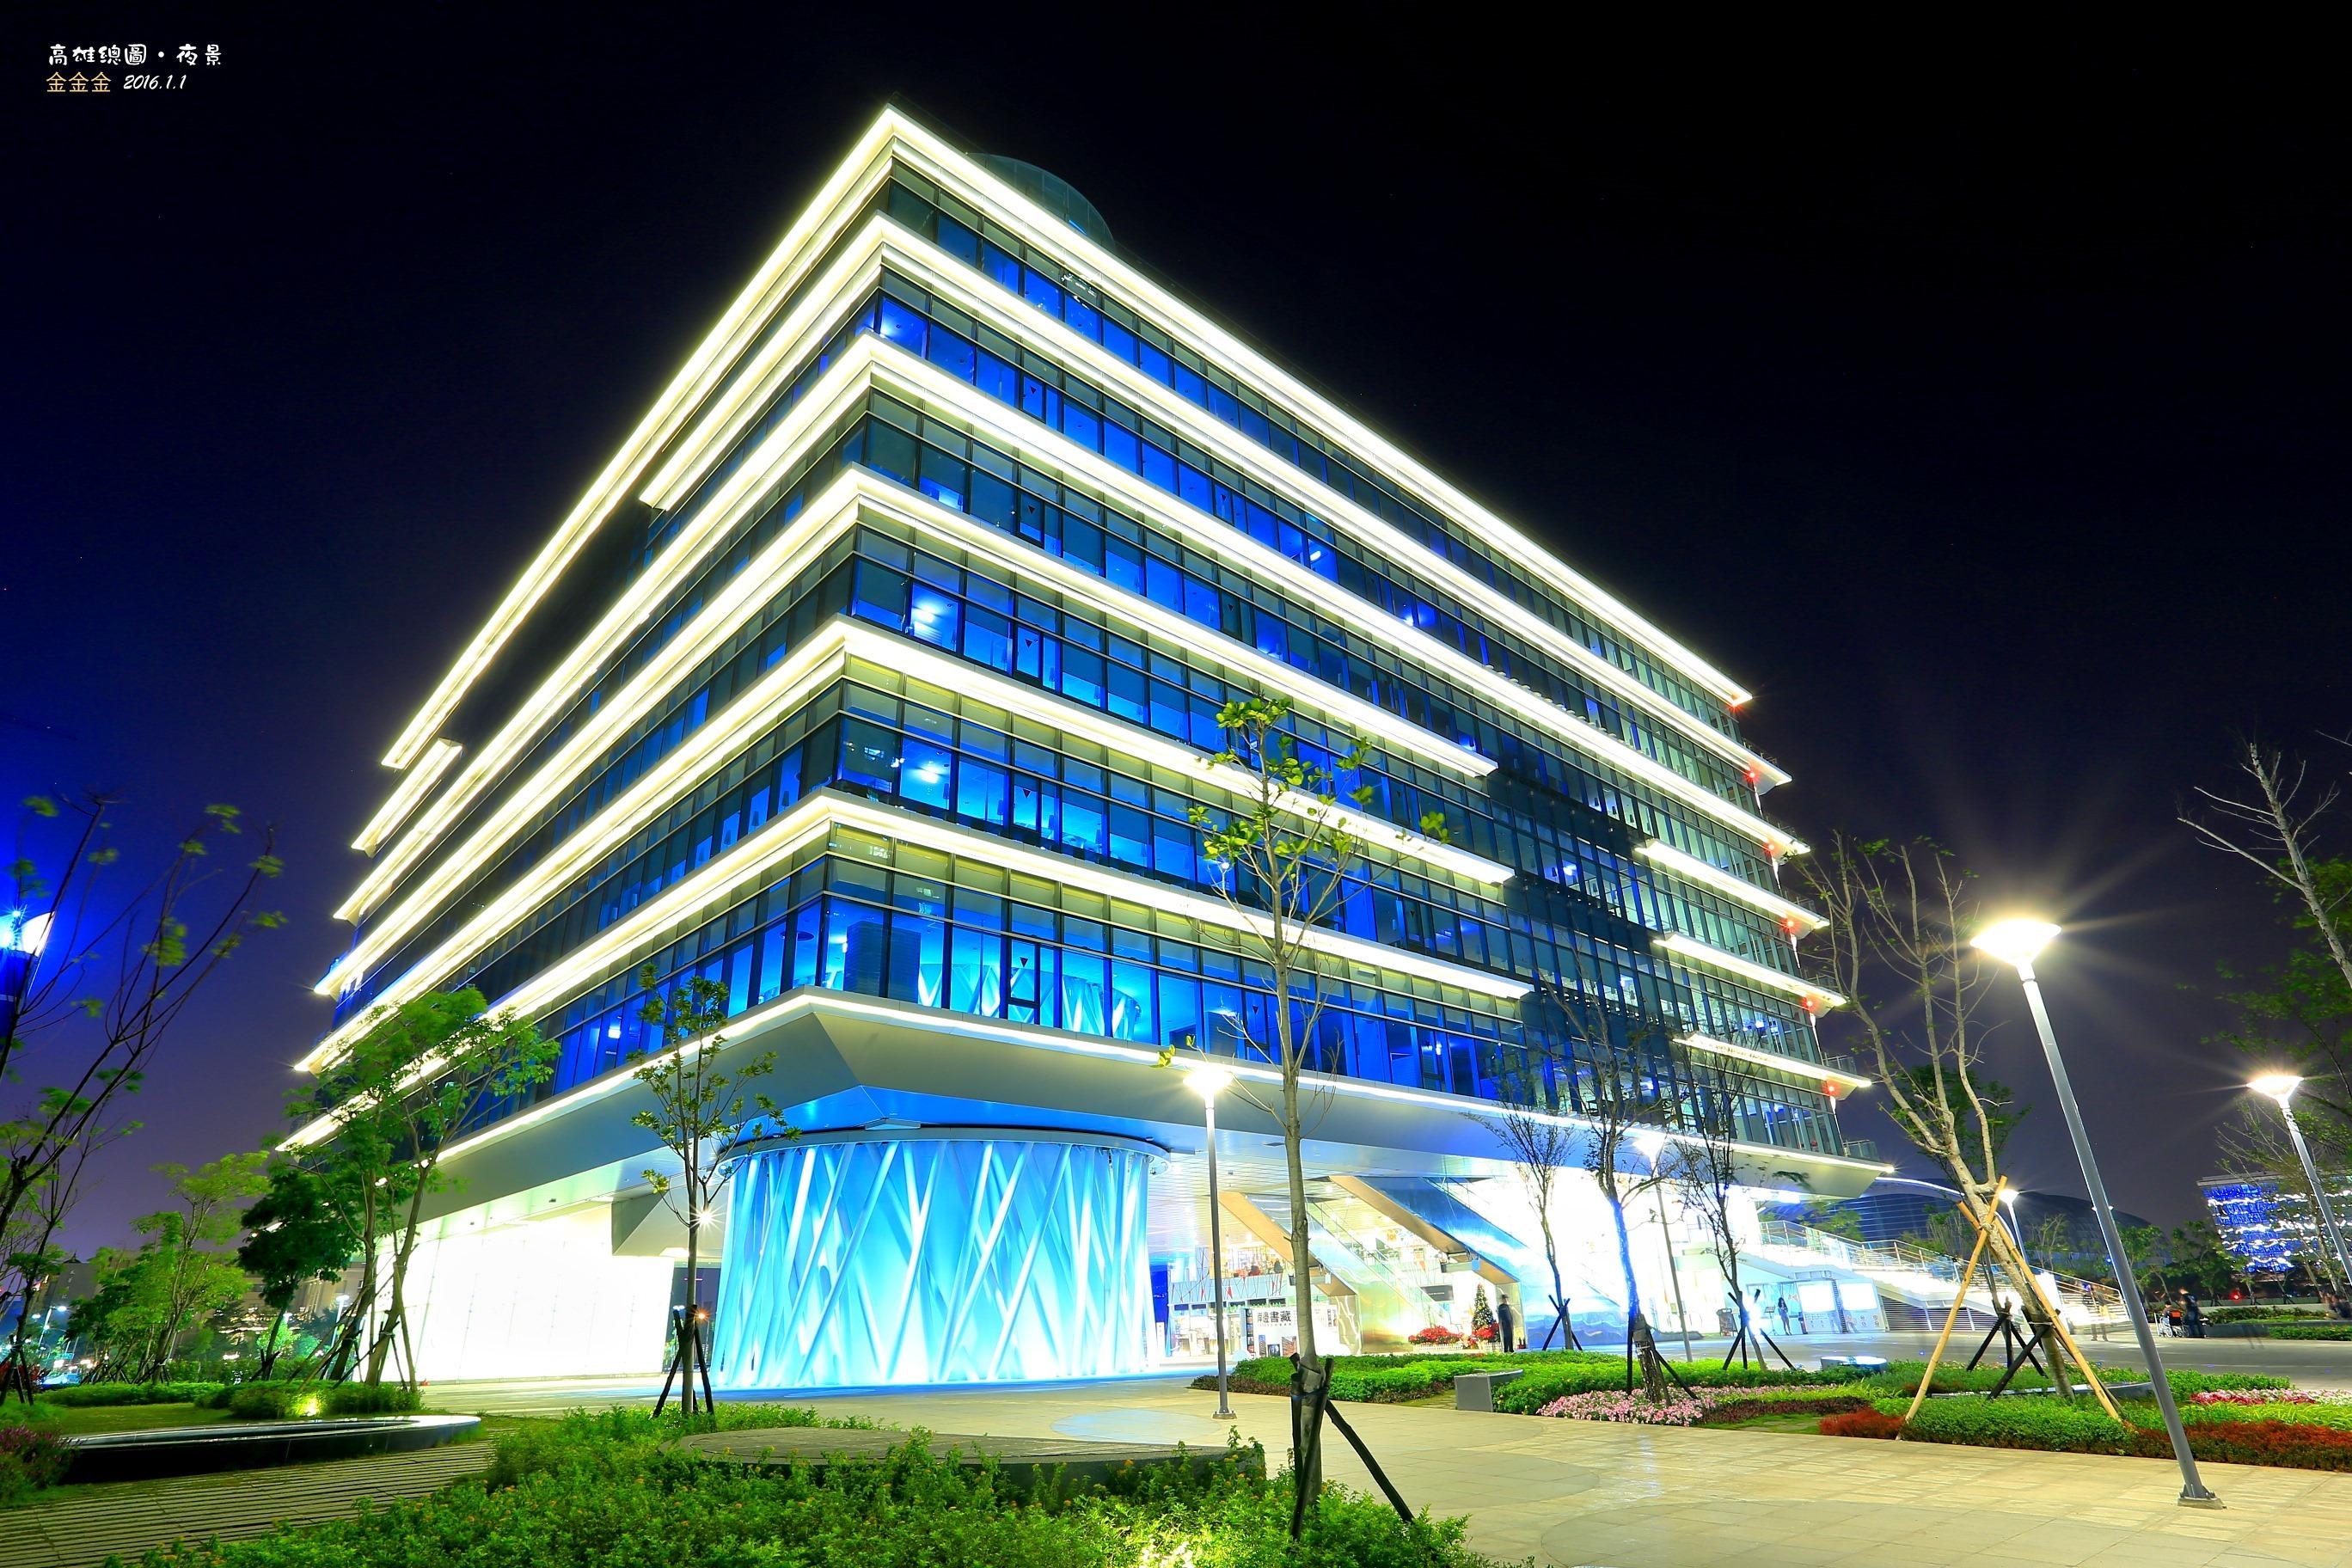 [高雄] 高雄市立圖書館總館 夜景 | 金金金的攝影作品